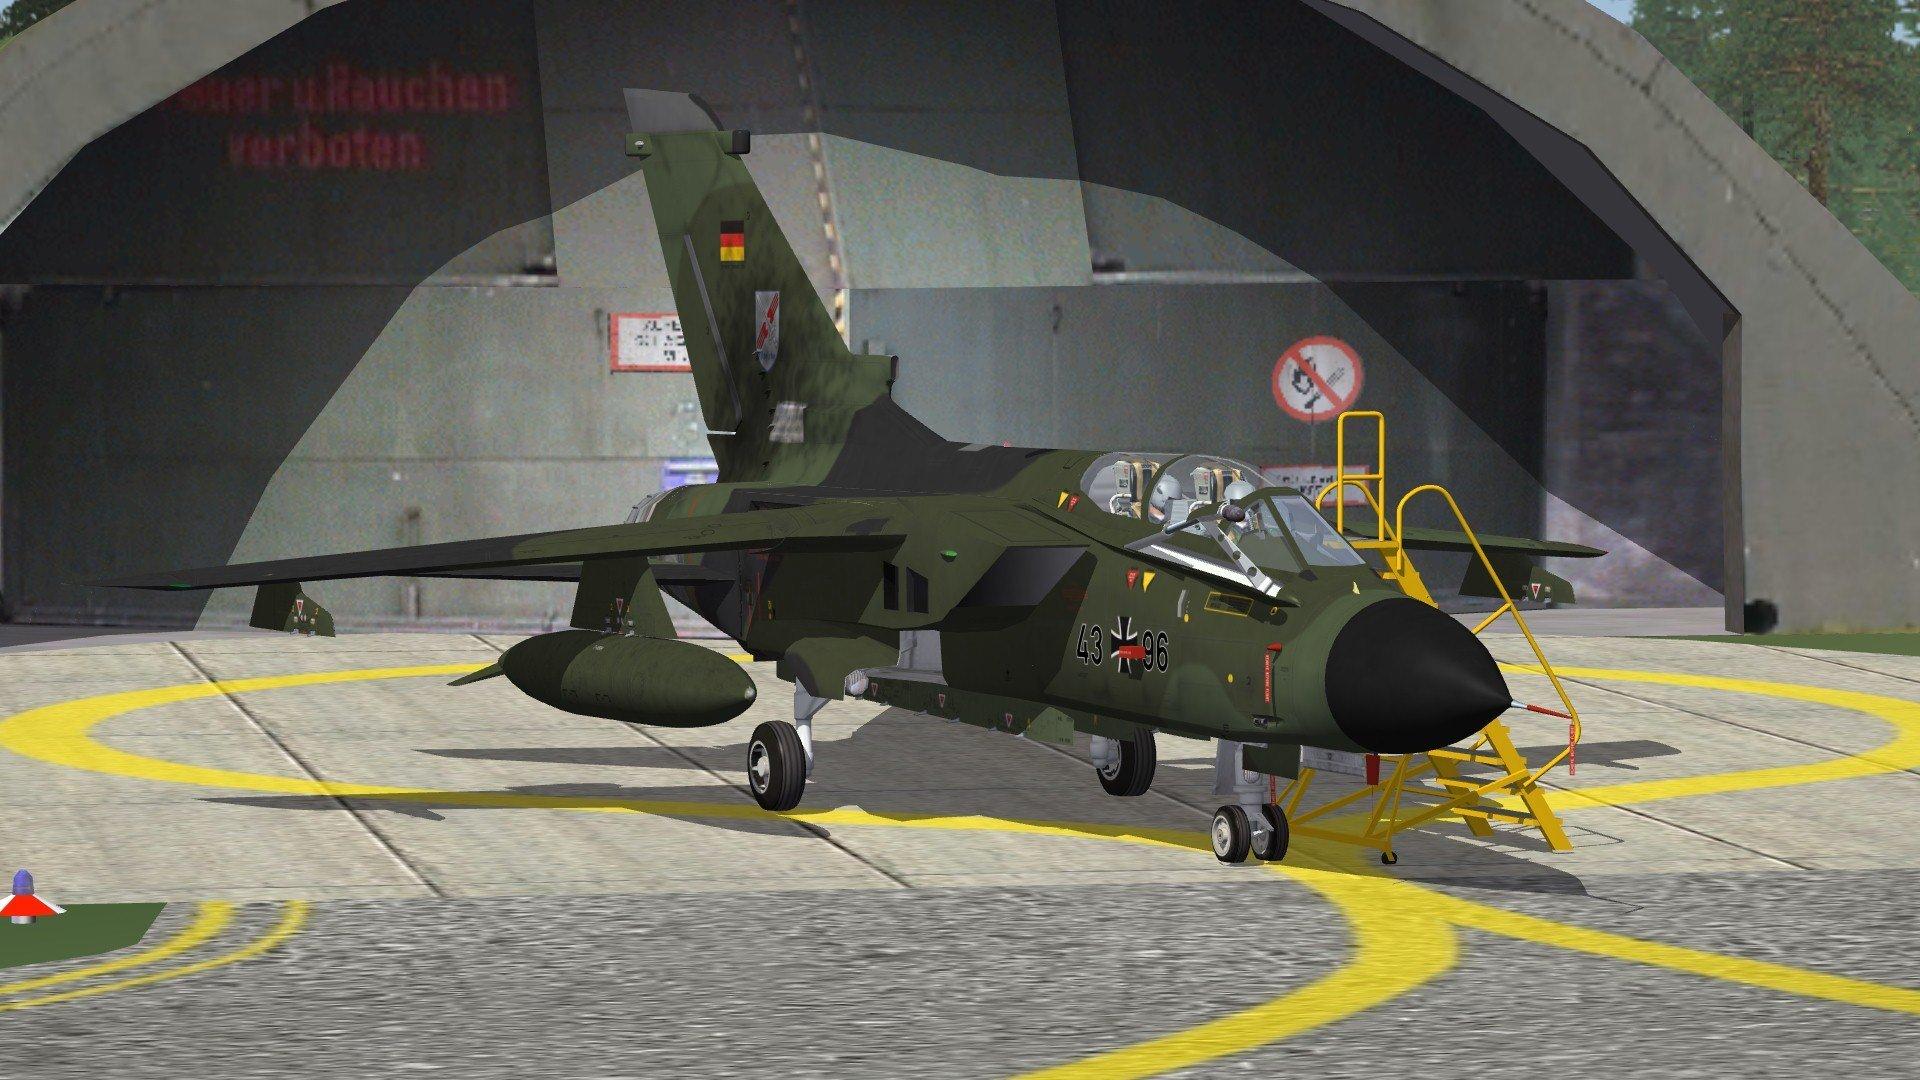 German Air Force Tornados